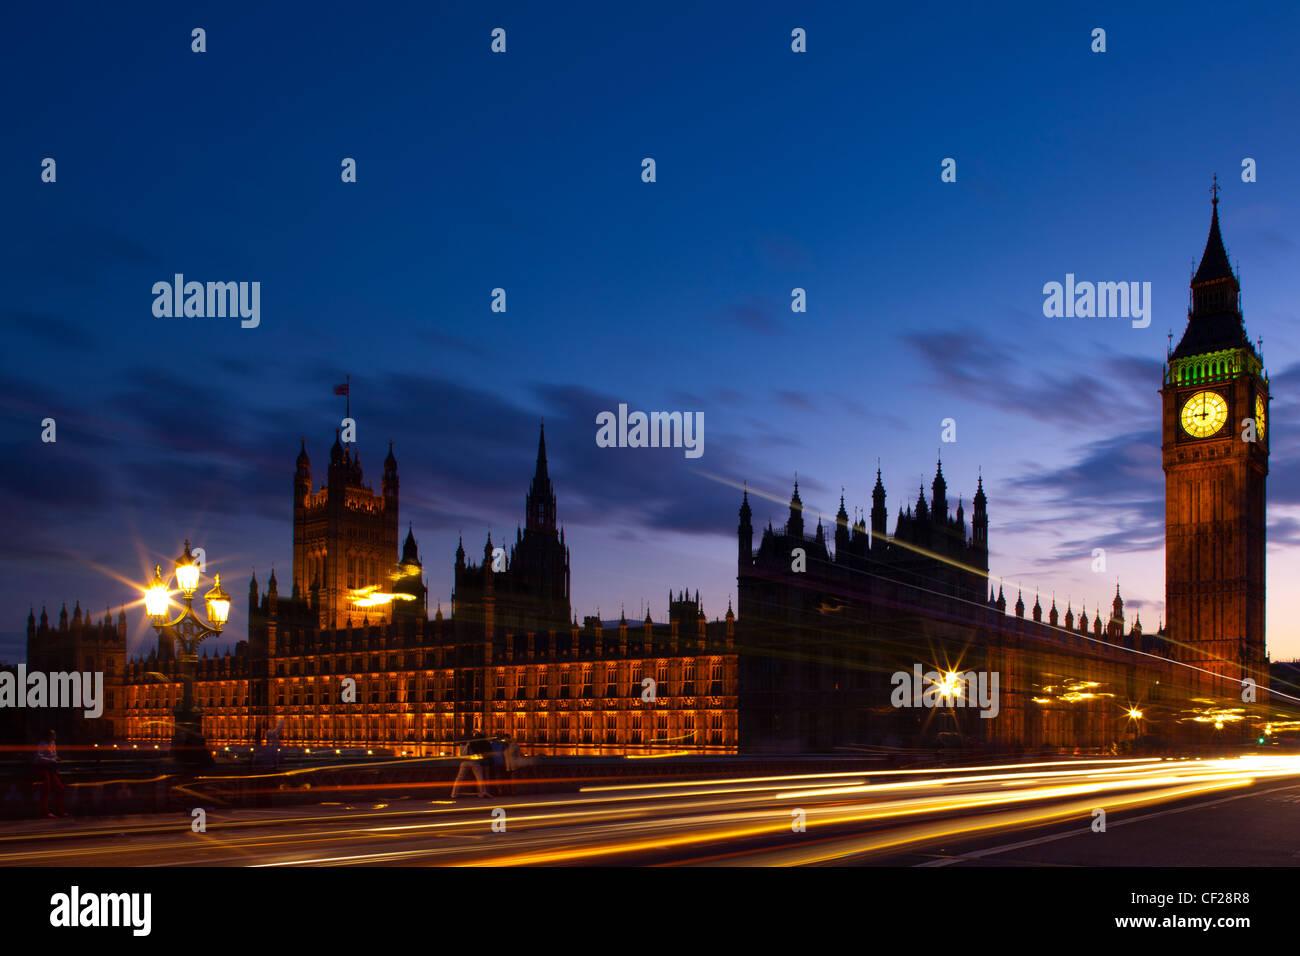 Lichtspuren von Datenverkehr über Westminster Bridge mit Big Ben und den Houses of Parliament im Hintergrund. Stockbild